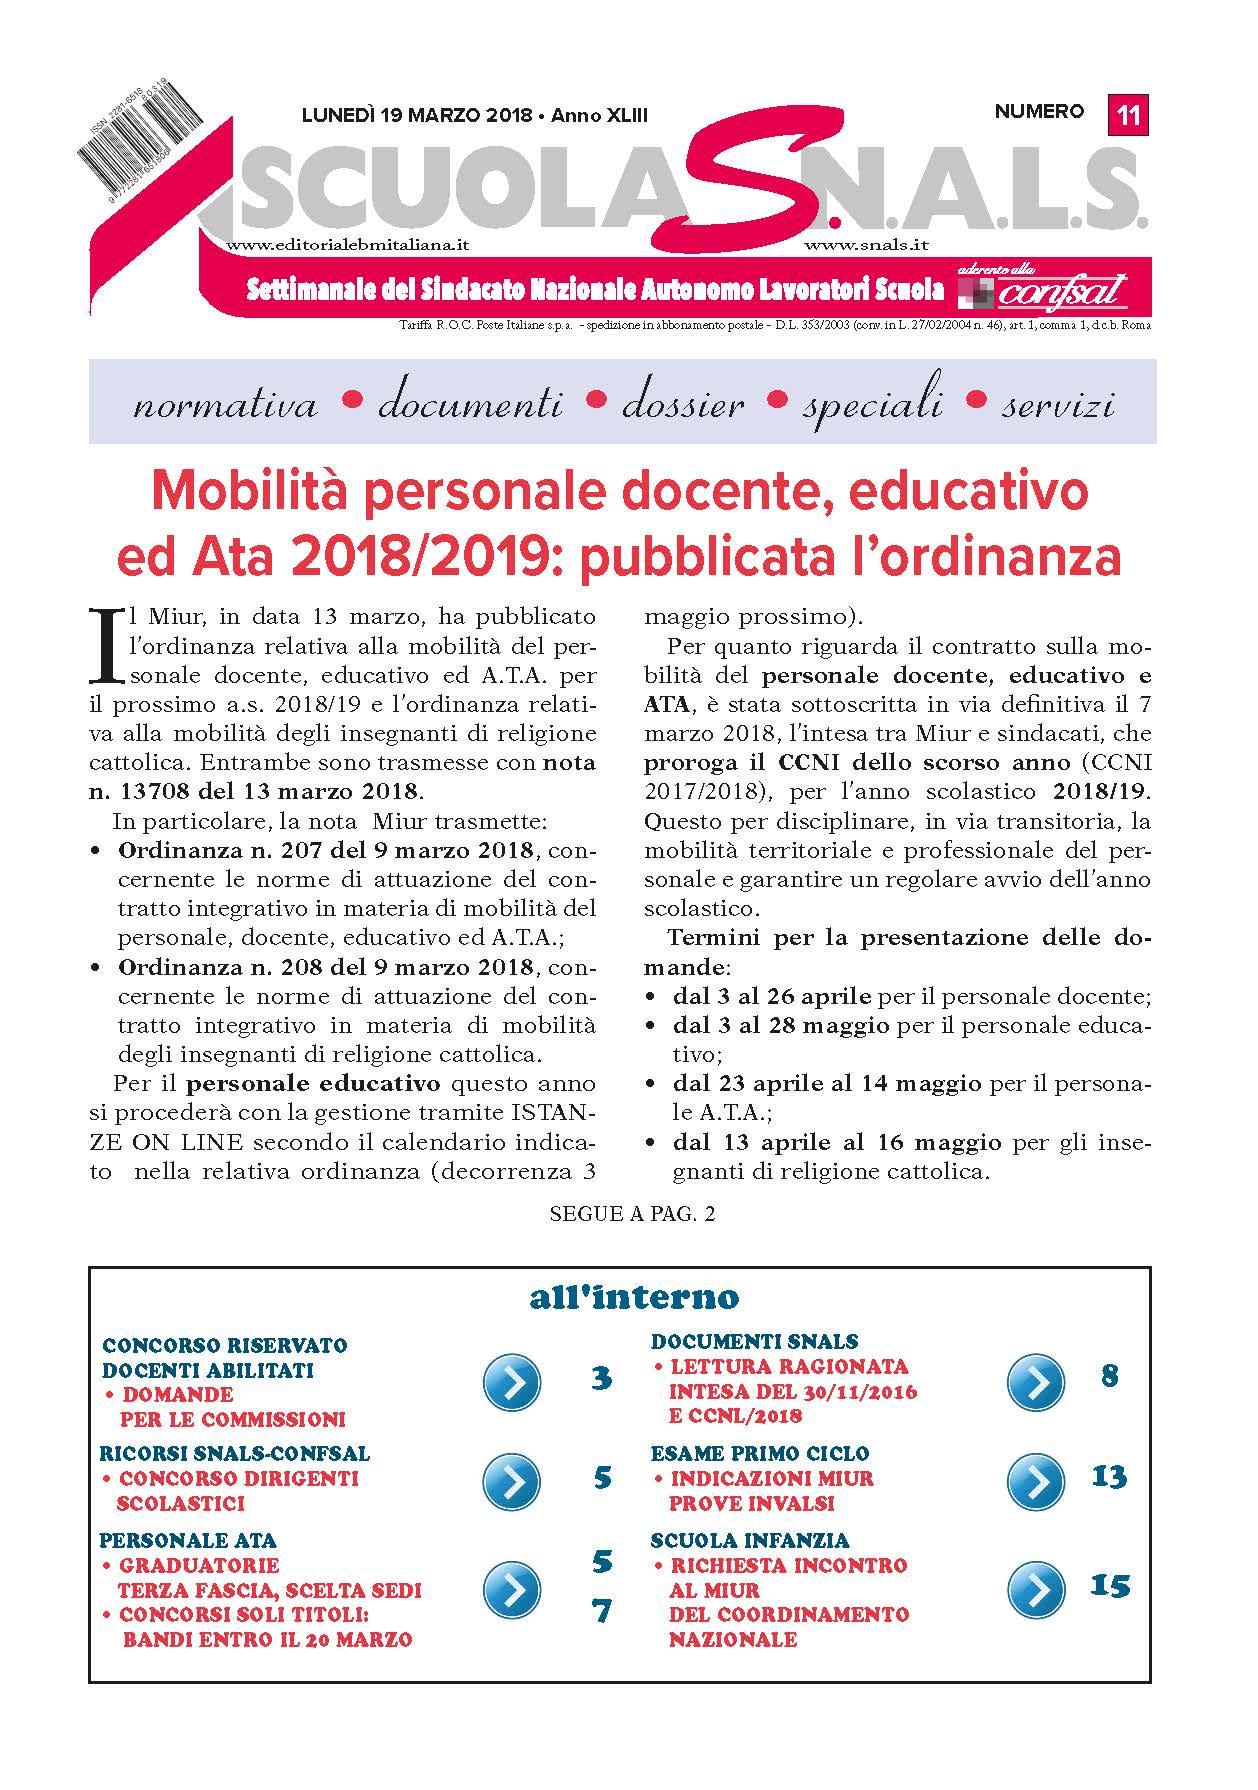 Mobilit personale docente educativo ed Ata 2018 2019 pubblicata l ordinanza